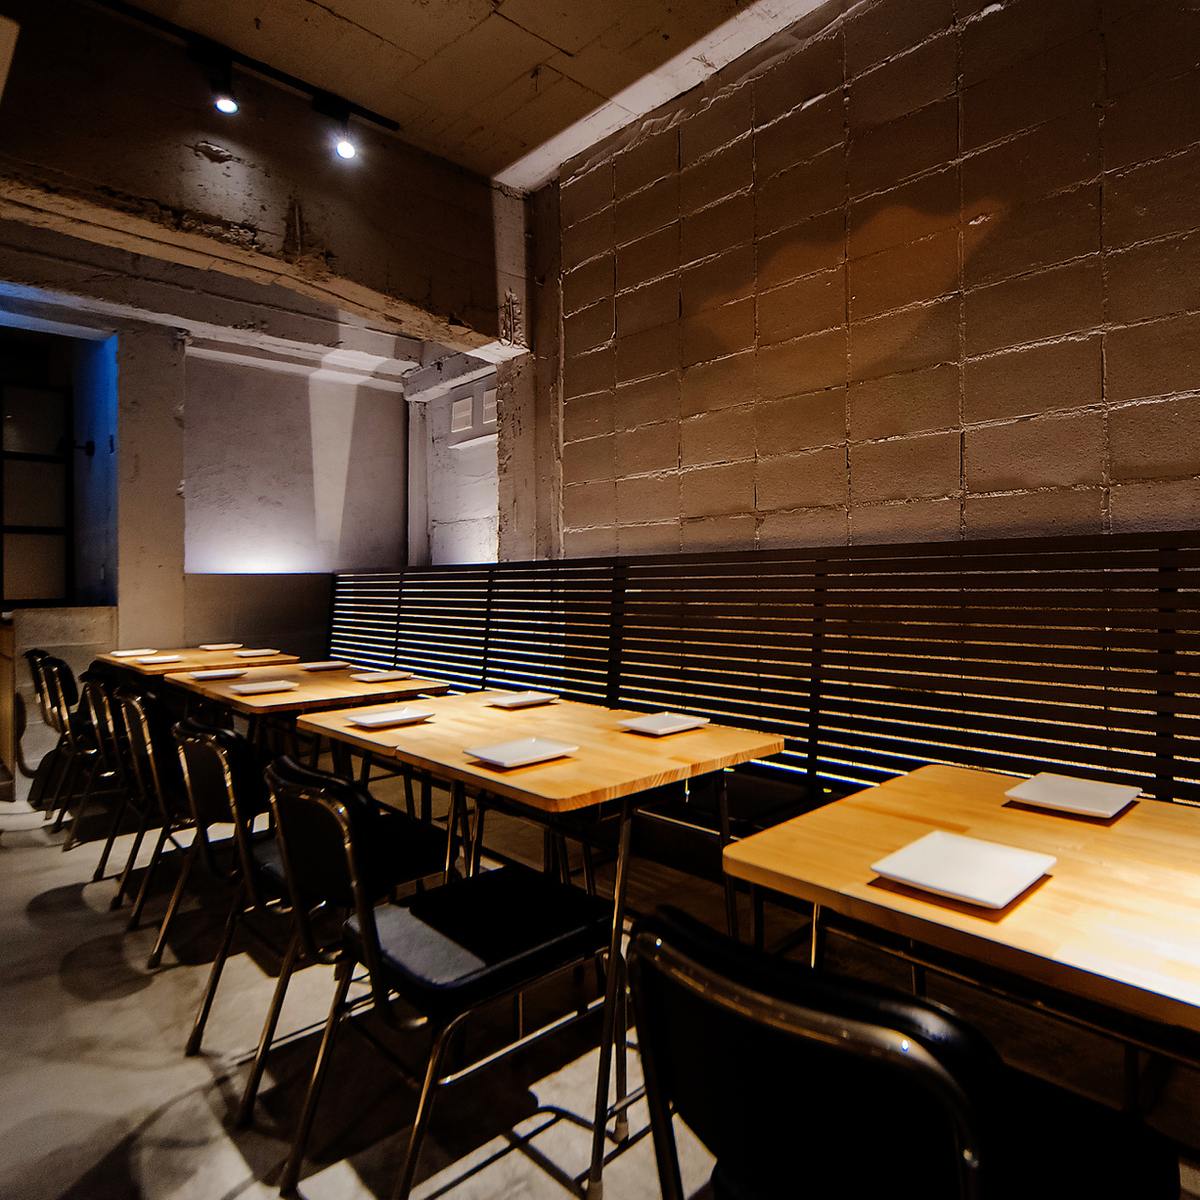 お食事メインでのご利用に最適のベンチシートと椅子タイプのテーブル席/3名~最大12名